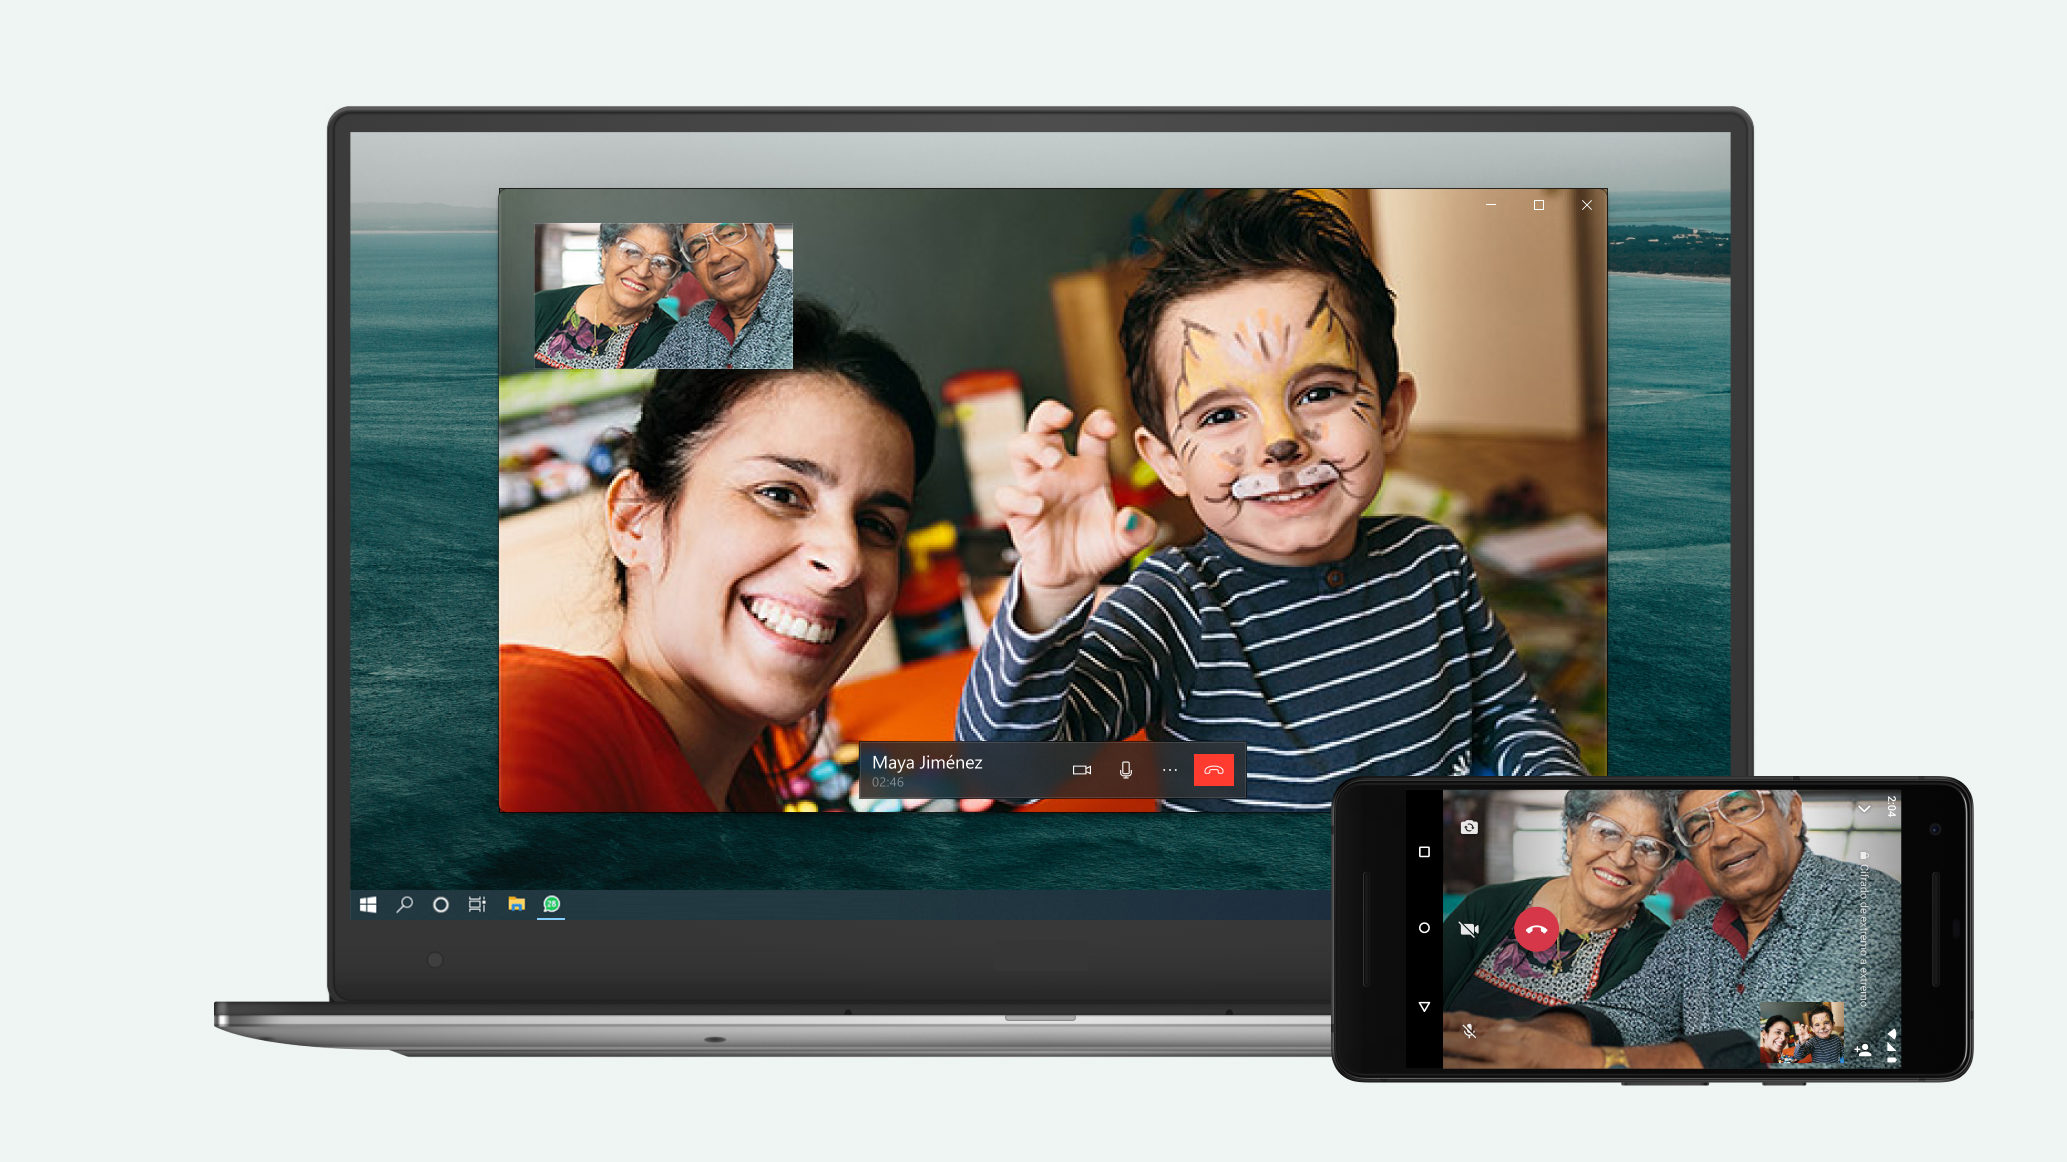 WhatsApp por fin ofrecerá videollamadas en su app de escritorio